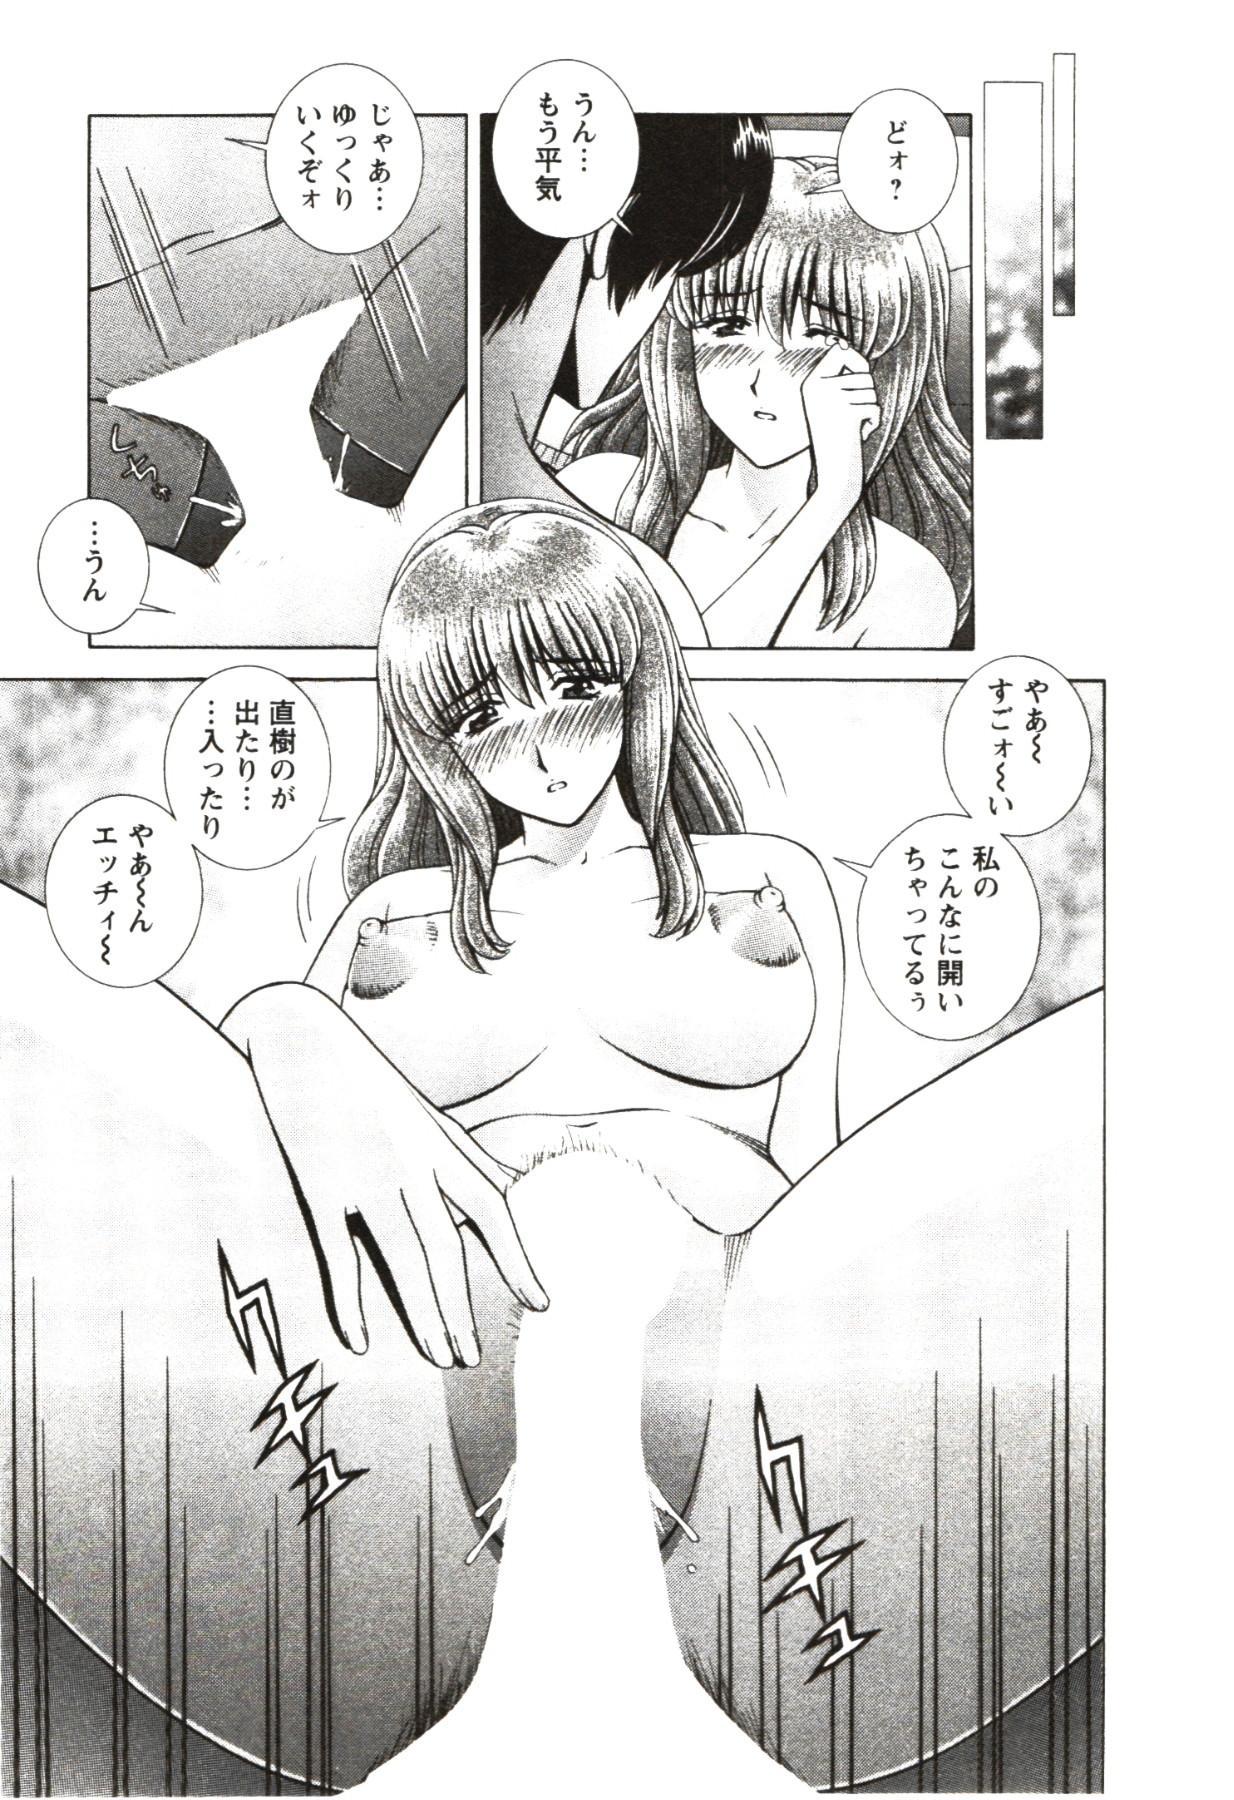 Futarigurashi 16